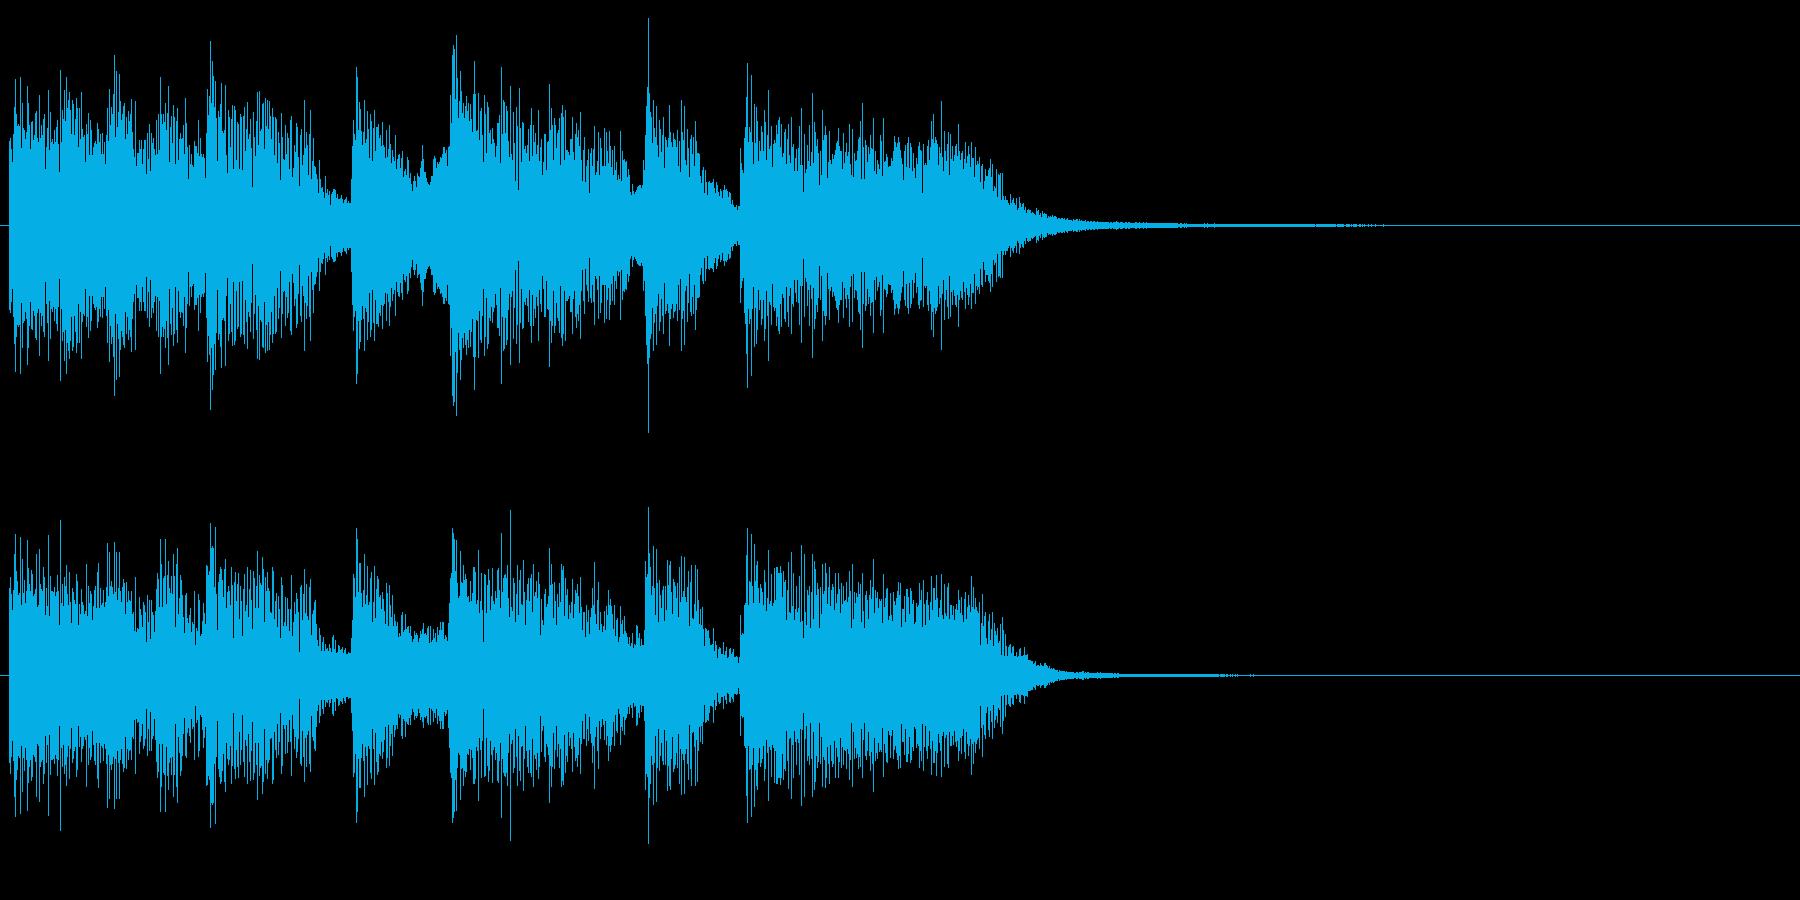 アイドルをイメージしたジングル 4小節Bの再生済みの波形